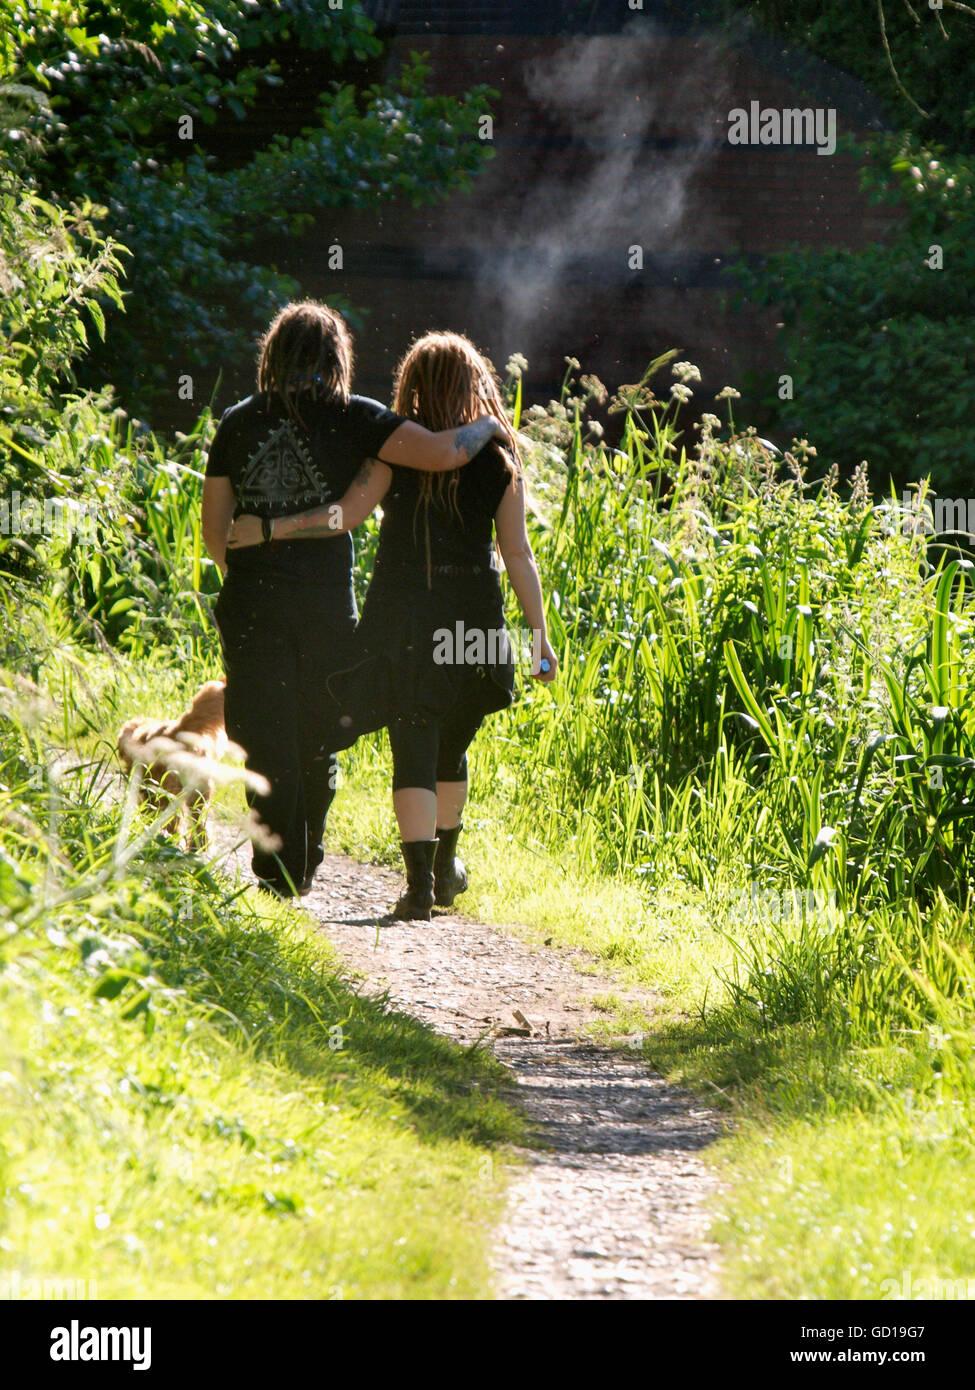 Jeune couple en train de marcher le long d'un sentier, l'autre ronde d'armes dans le soleil d'été, Photo Stock